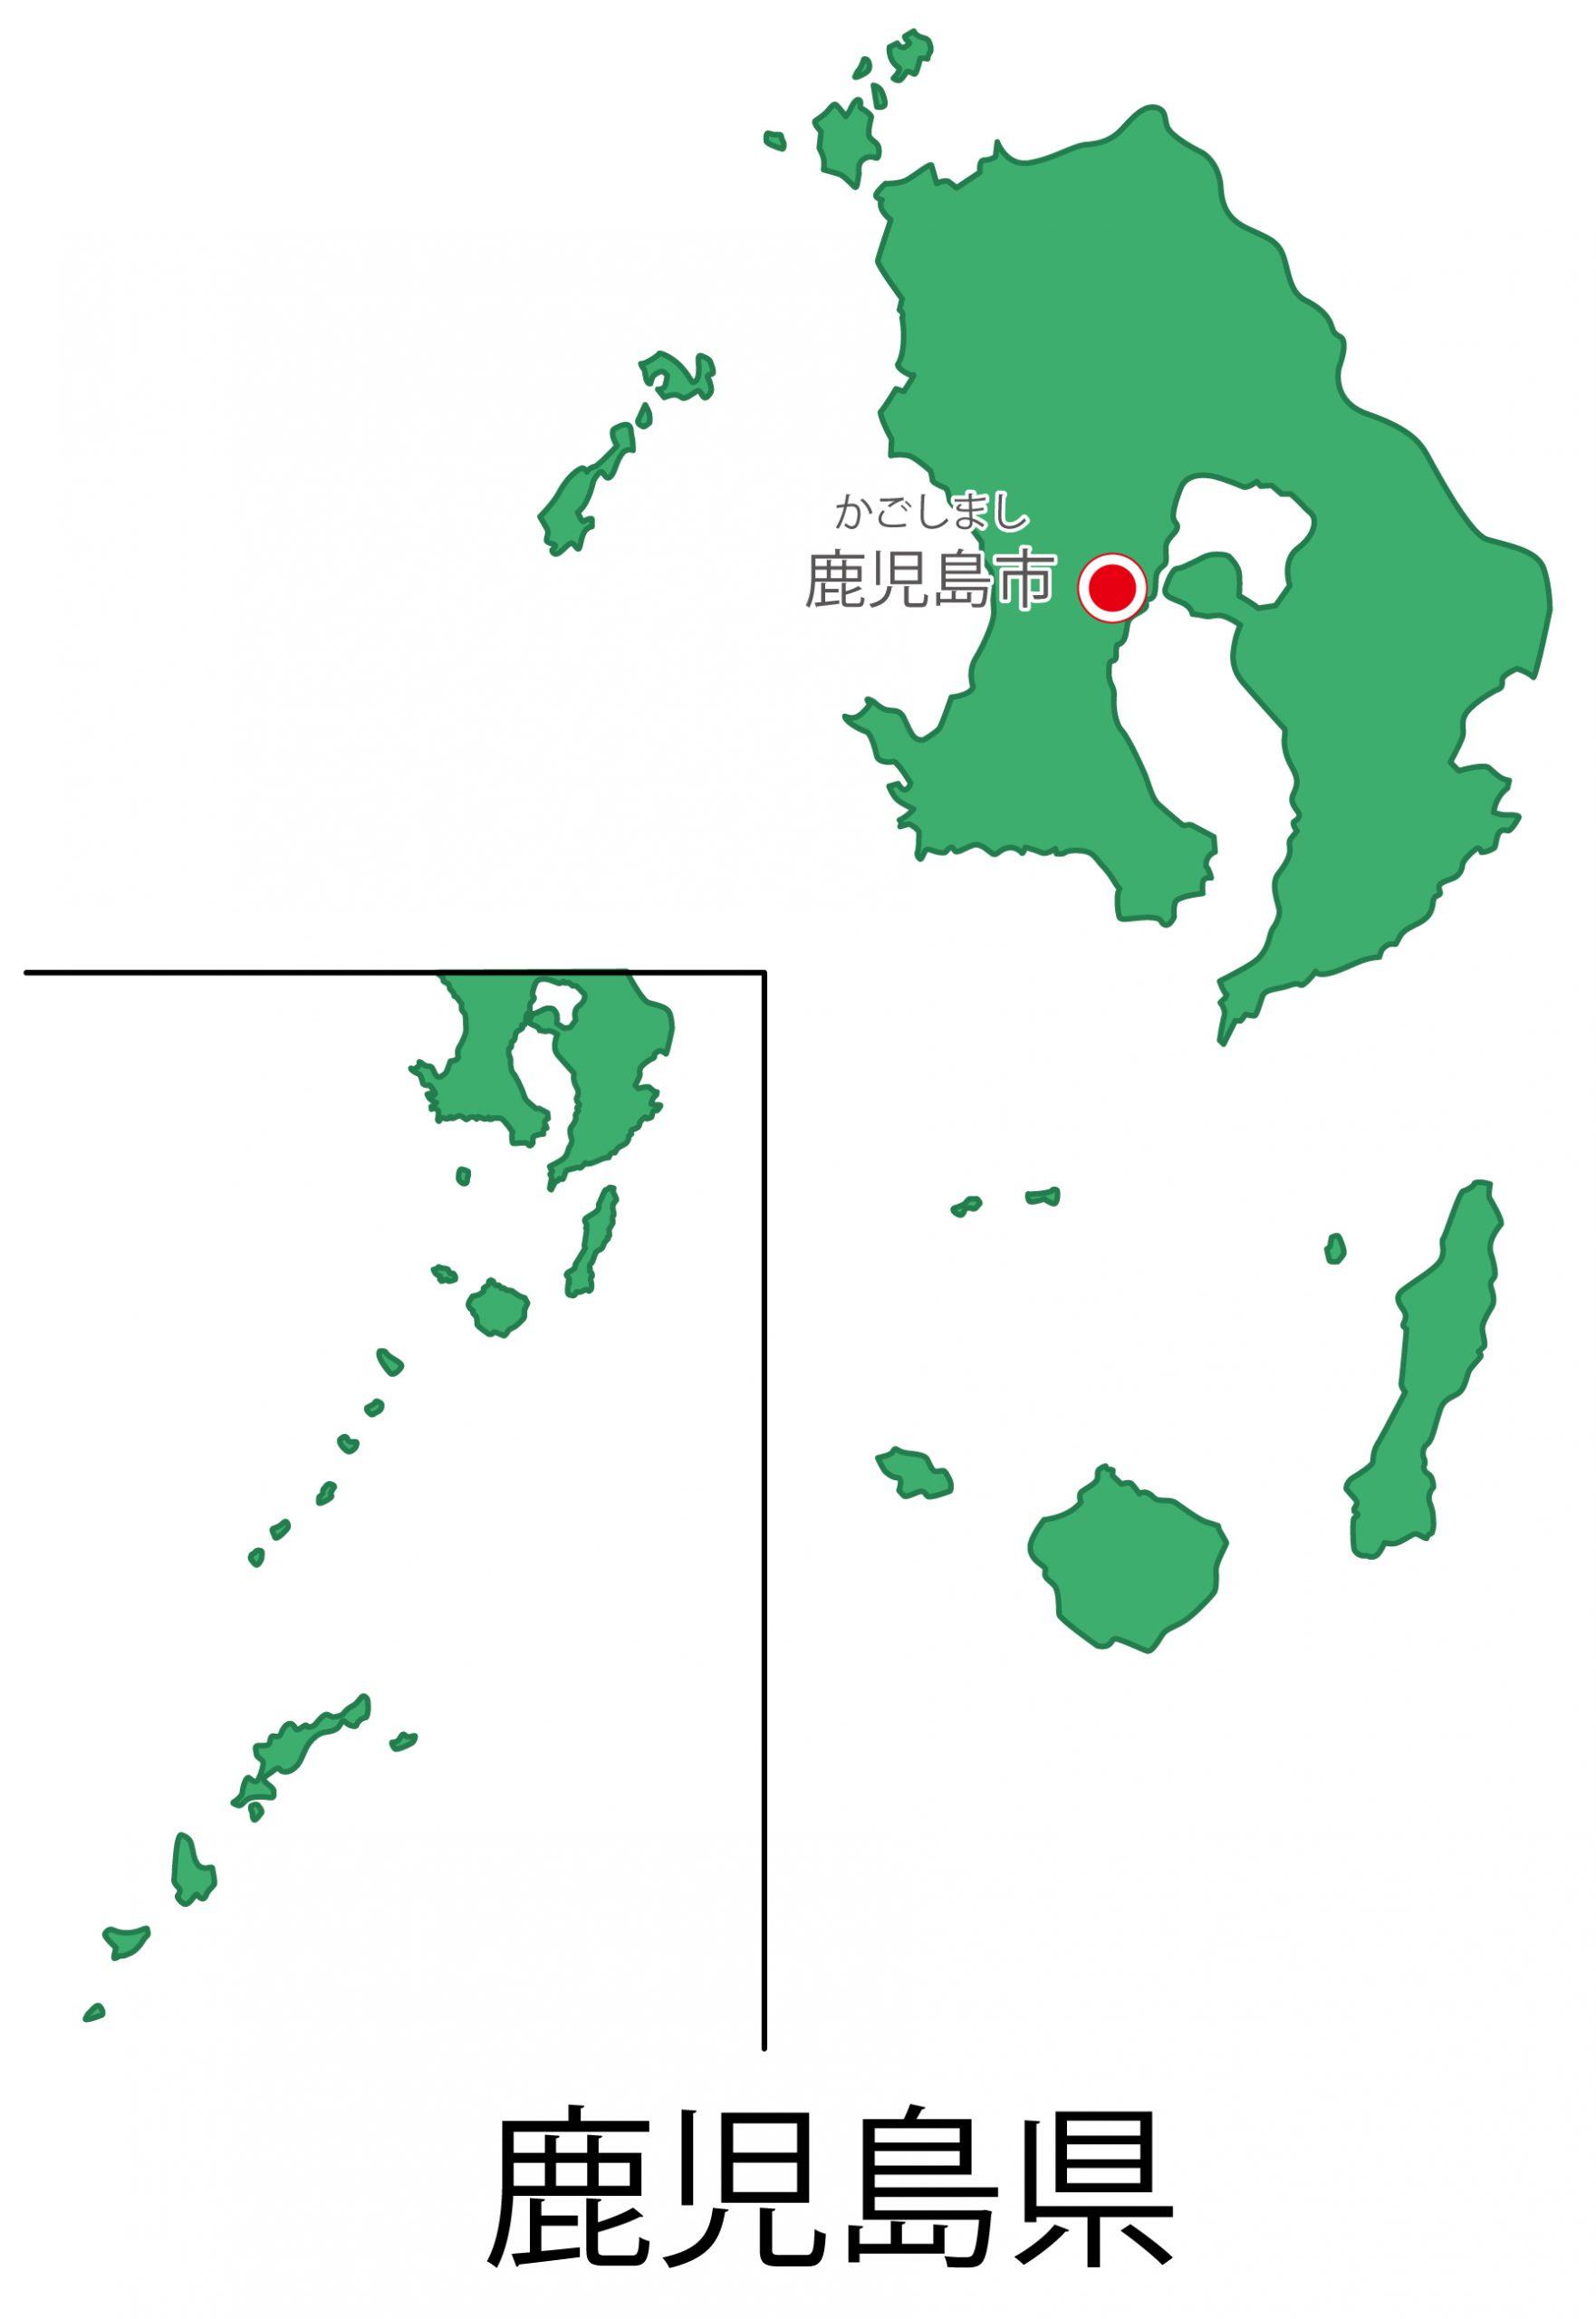 鹿児島県無料フリーイラスト|日本語・都道府県名あり・県庁所在地あり・ルビあり(緑)